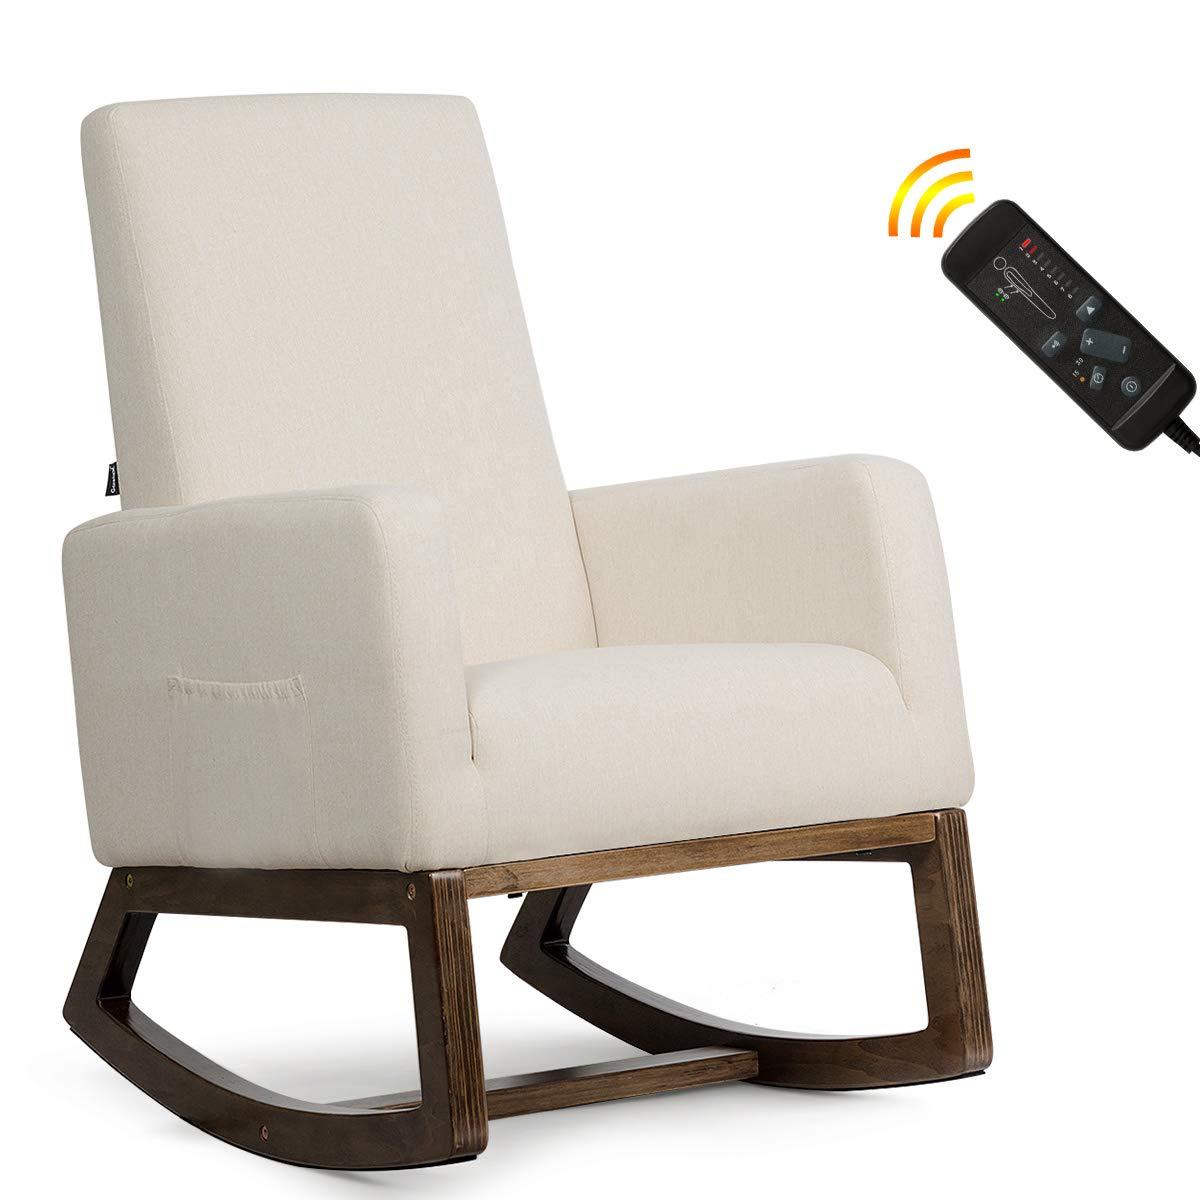 Giantex Rocking Upholstered Massage Function